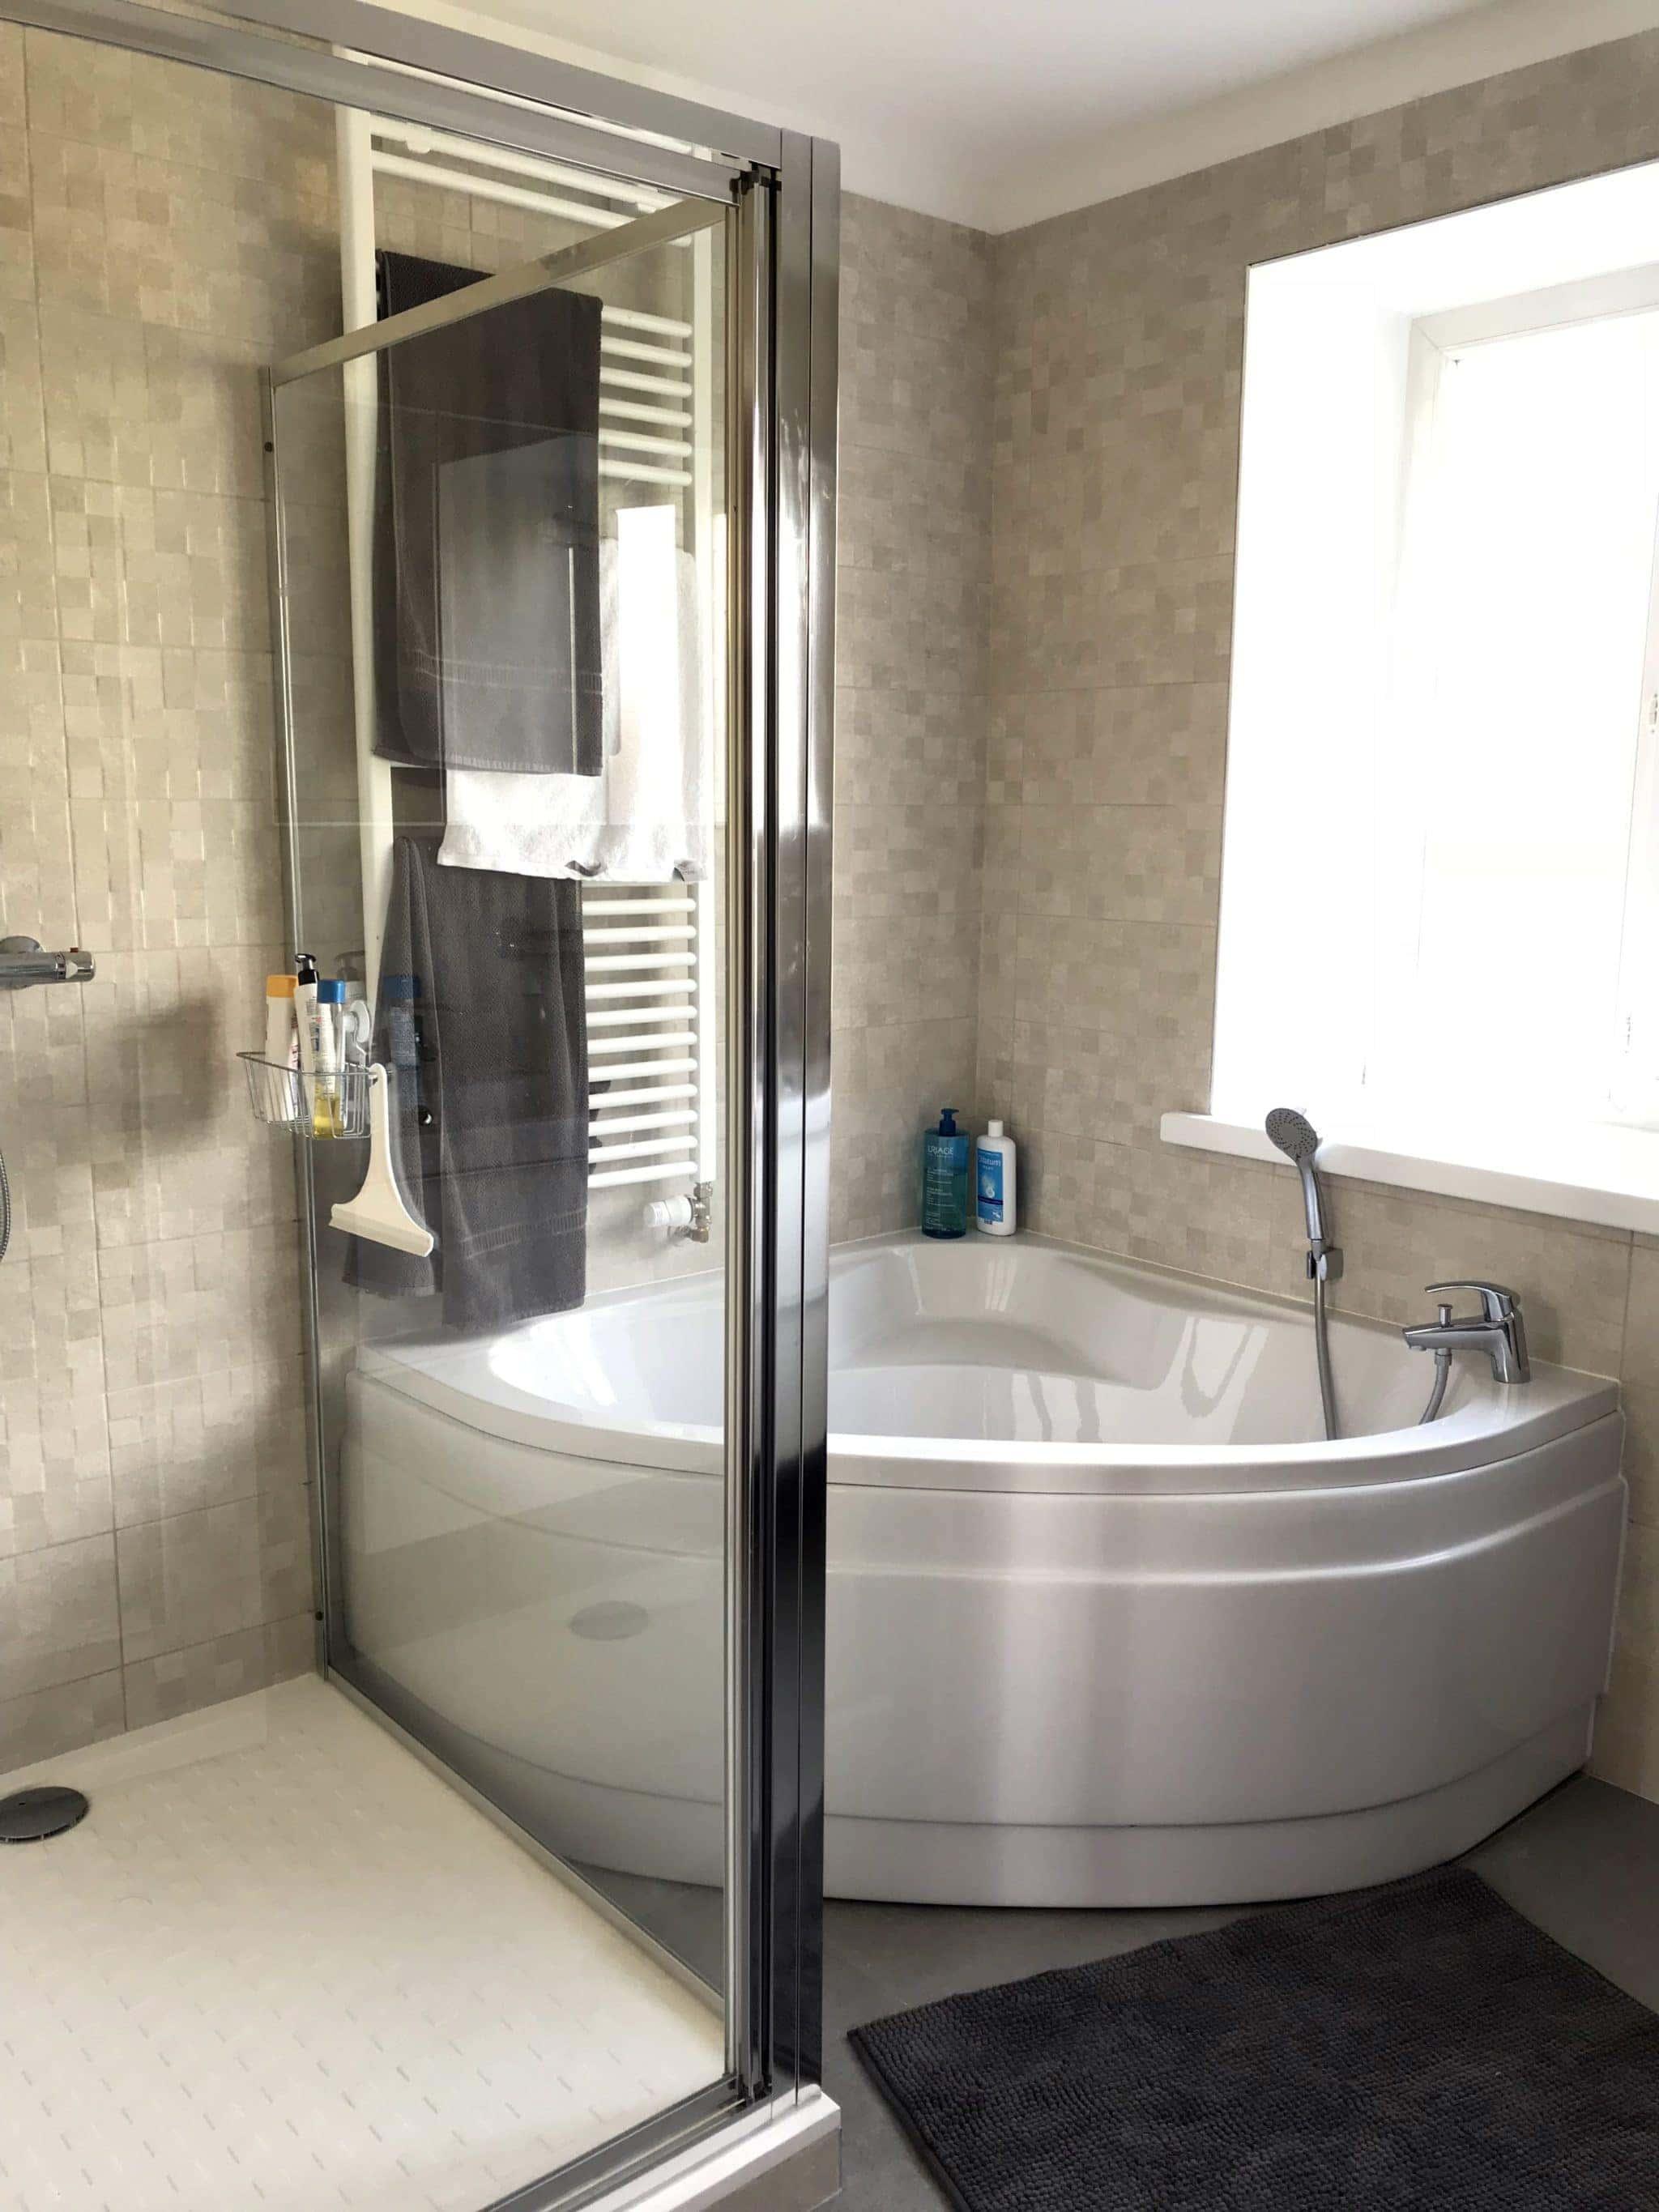 rénovation et conception d'une salle de bain avec baignoire et douche